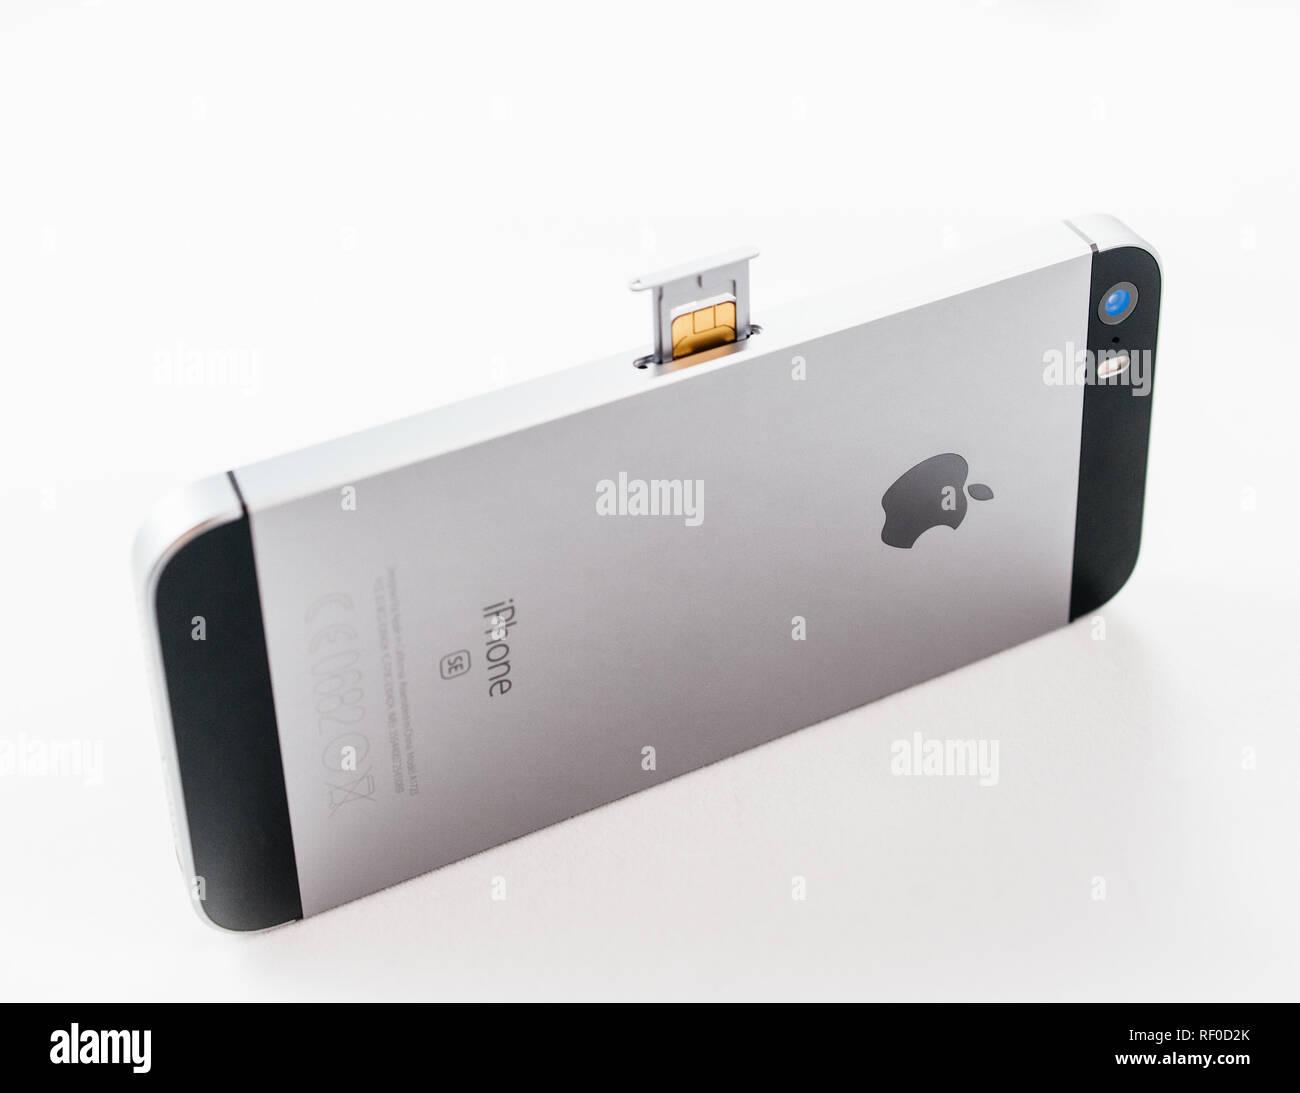 Iphone Sim Karte Einsetzen.Sim Karte Einlegen Stockfotos Sim Karte Einlegen Bilder Alamy